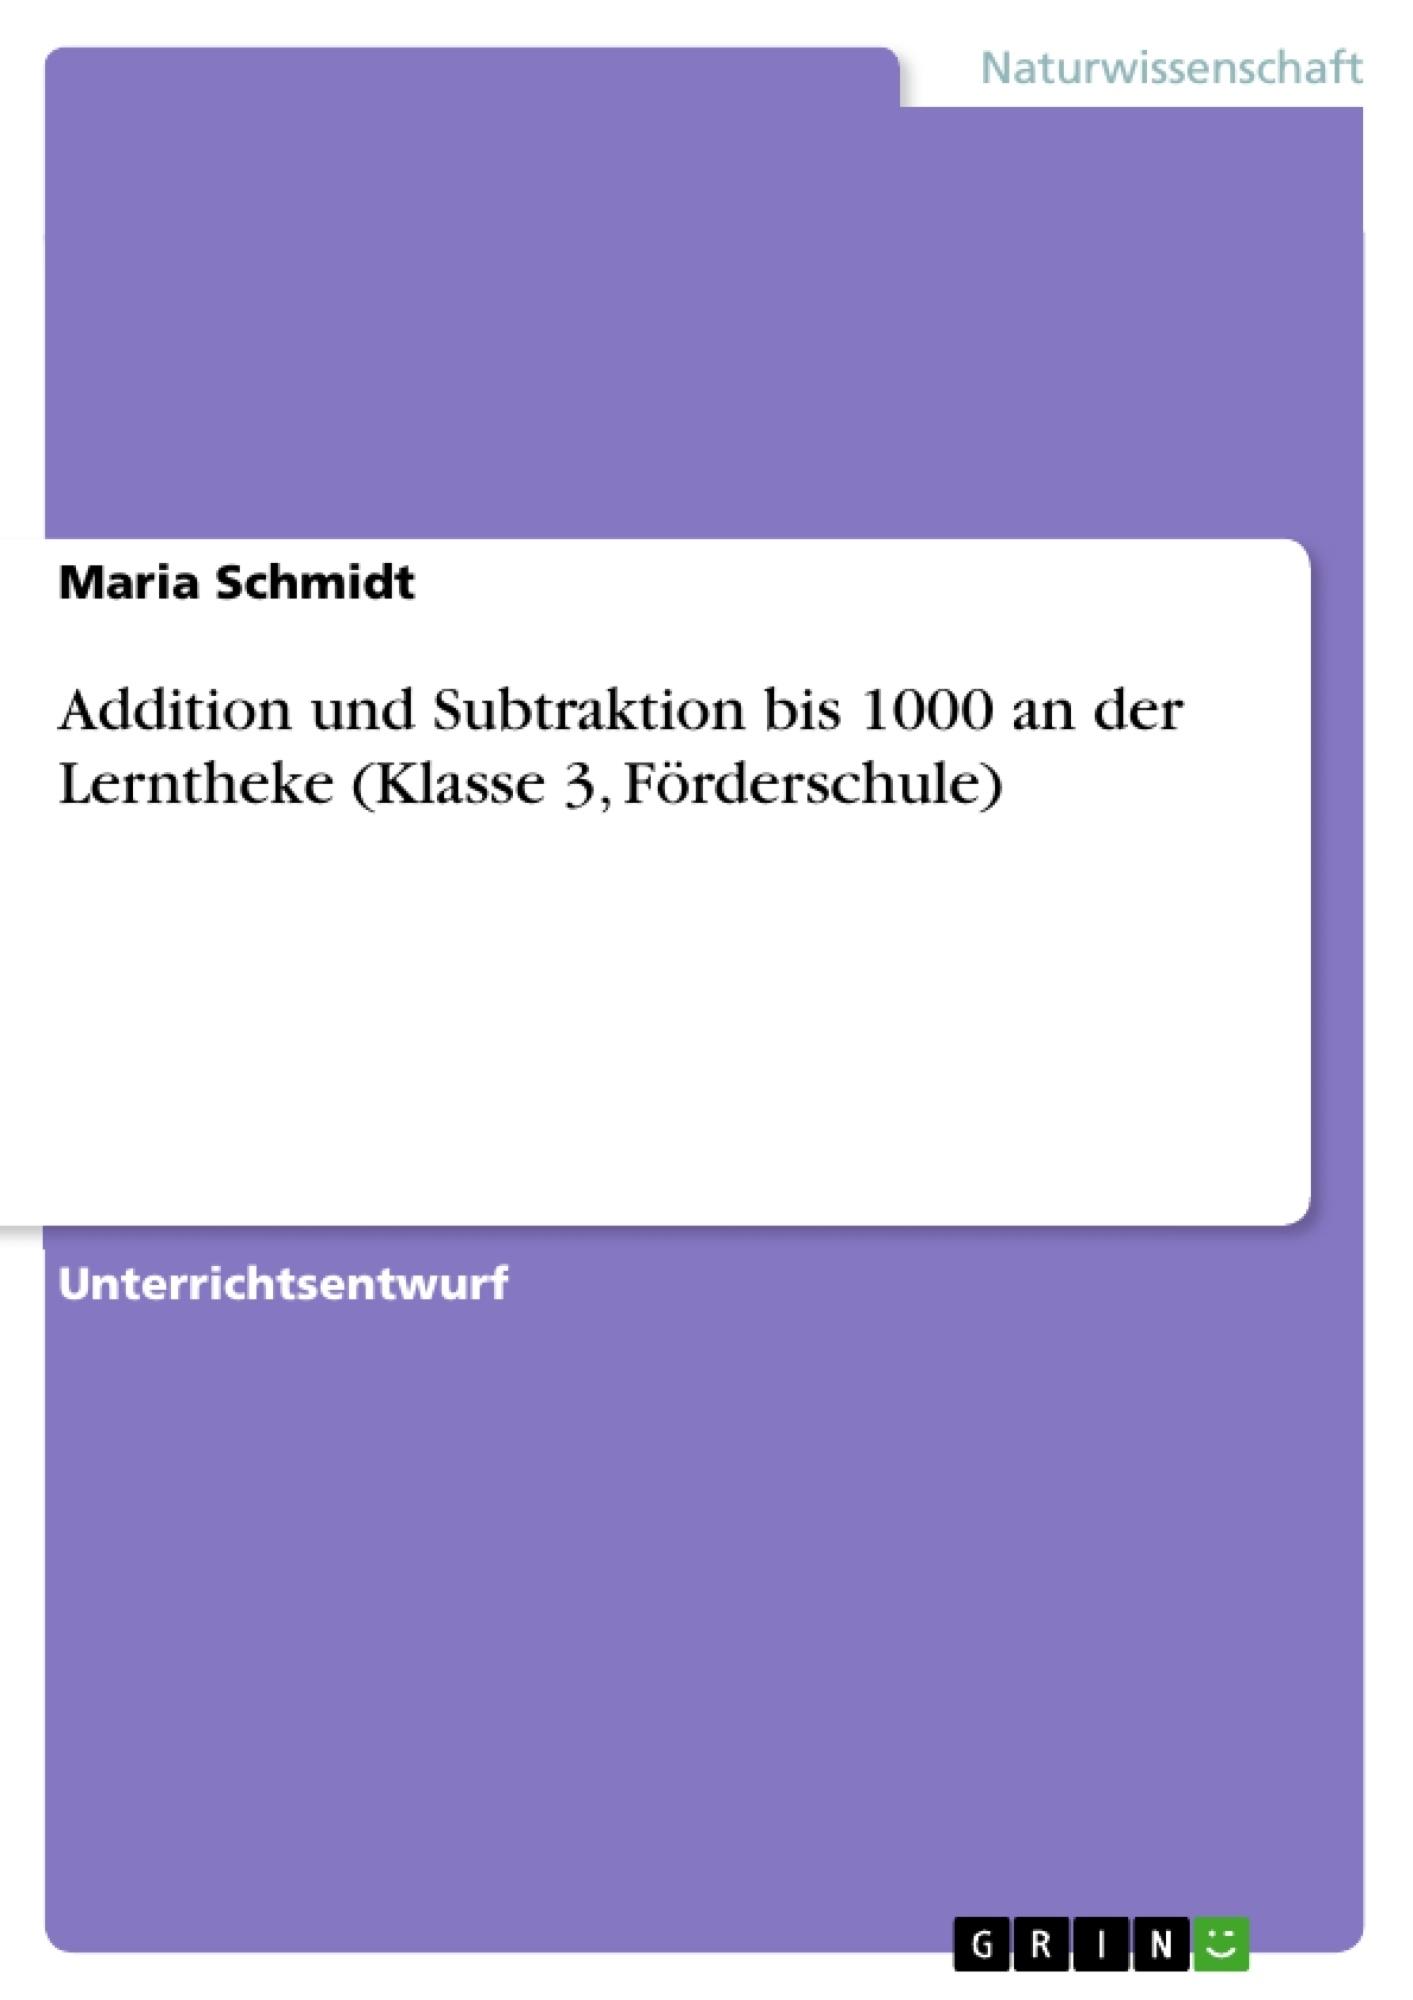 Titel: Addition und Subtraktion bis 1000 an der Lerntheke (Klasse 3, Förderschule)